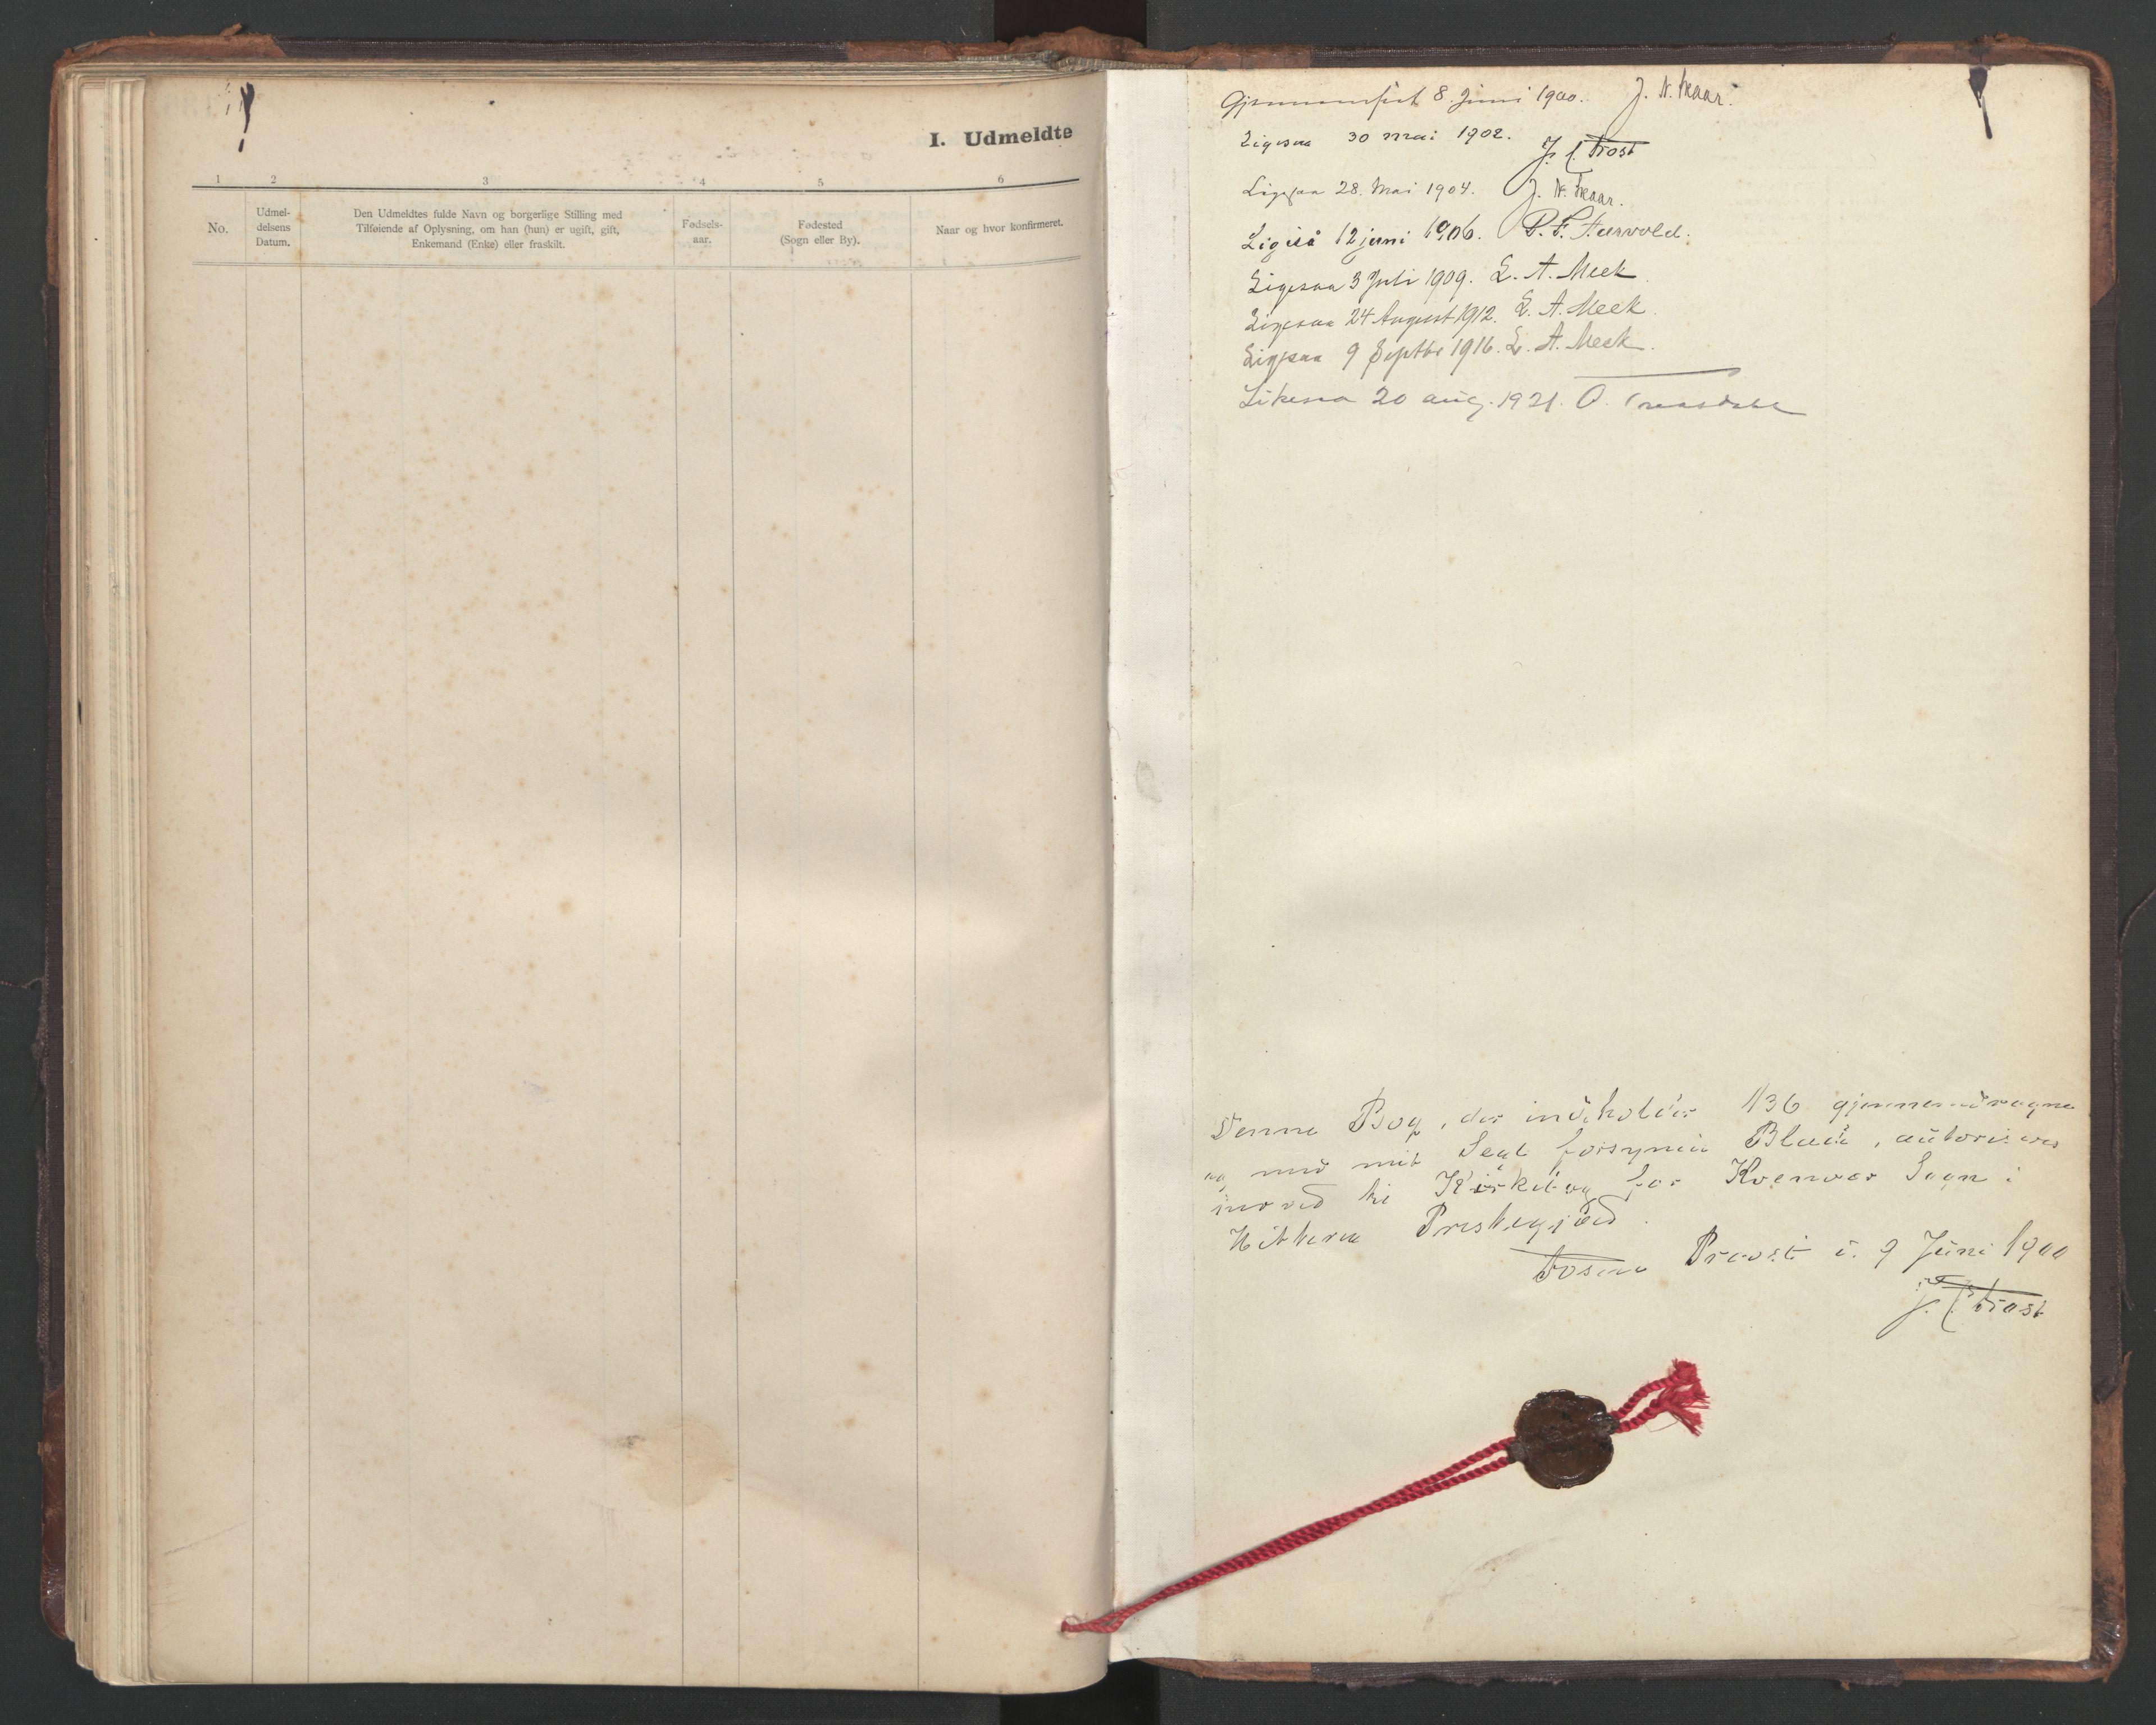 SAT, Ministerialprotokoller, klokkerbøker og fødselsregistre - Sør-Trøndelag, 635/L0552: Ministerialbok nr. 635A02, 1899-1919